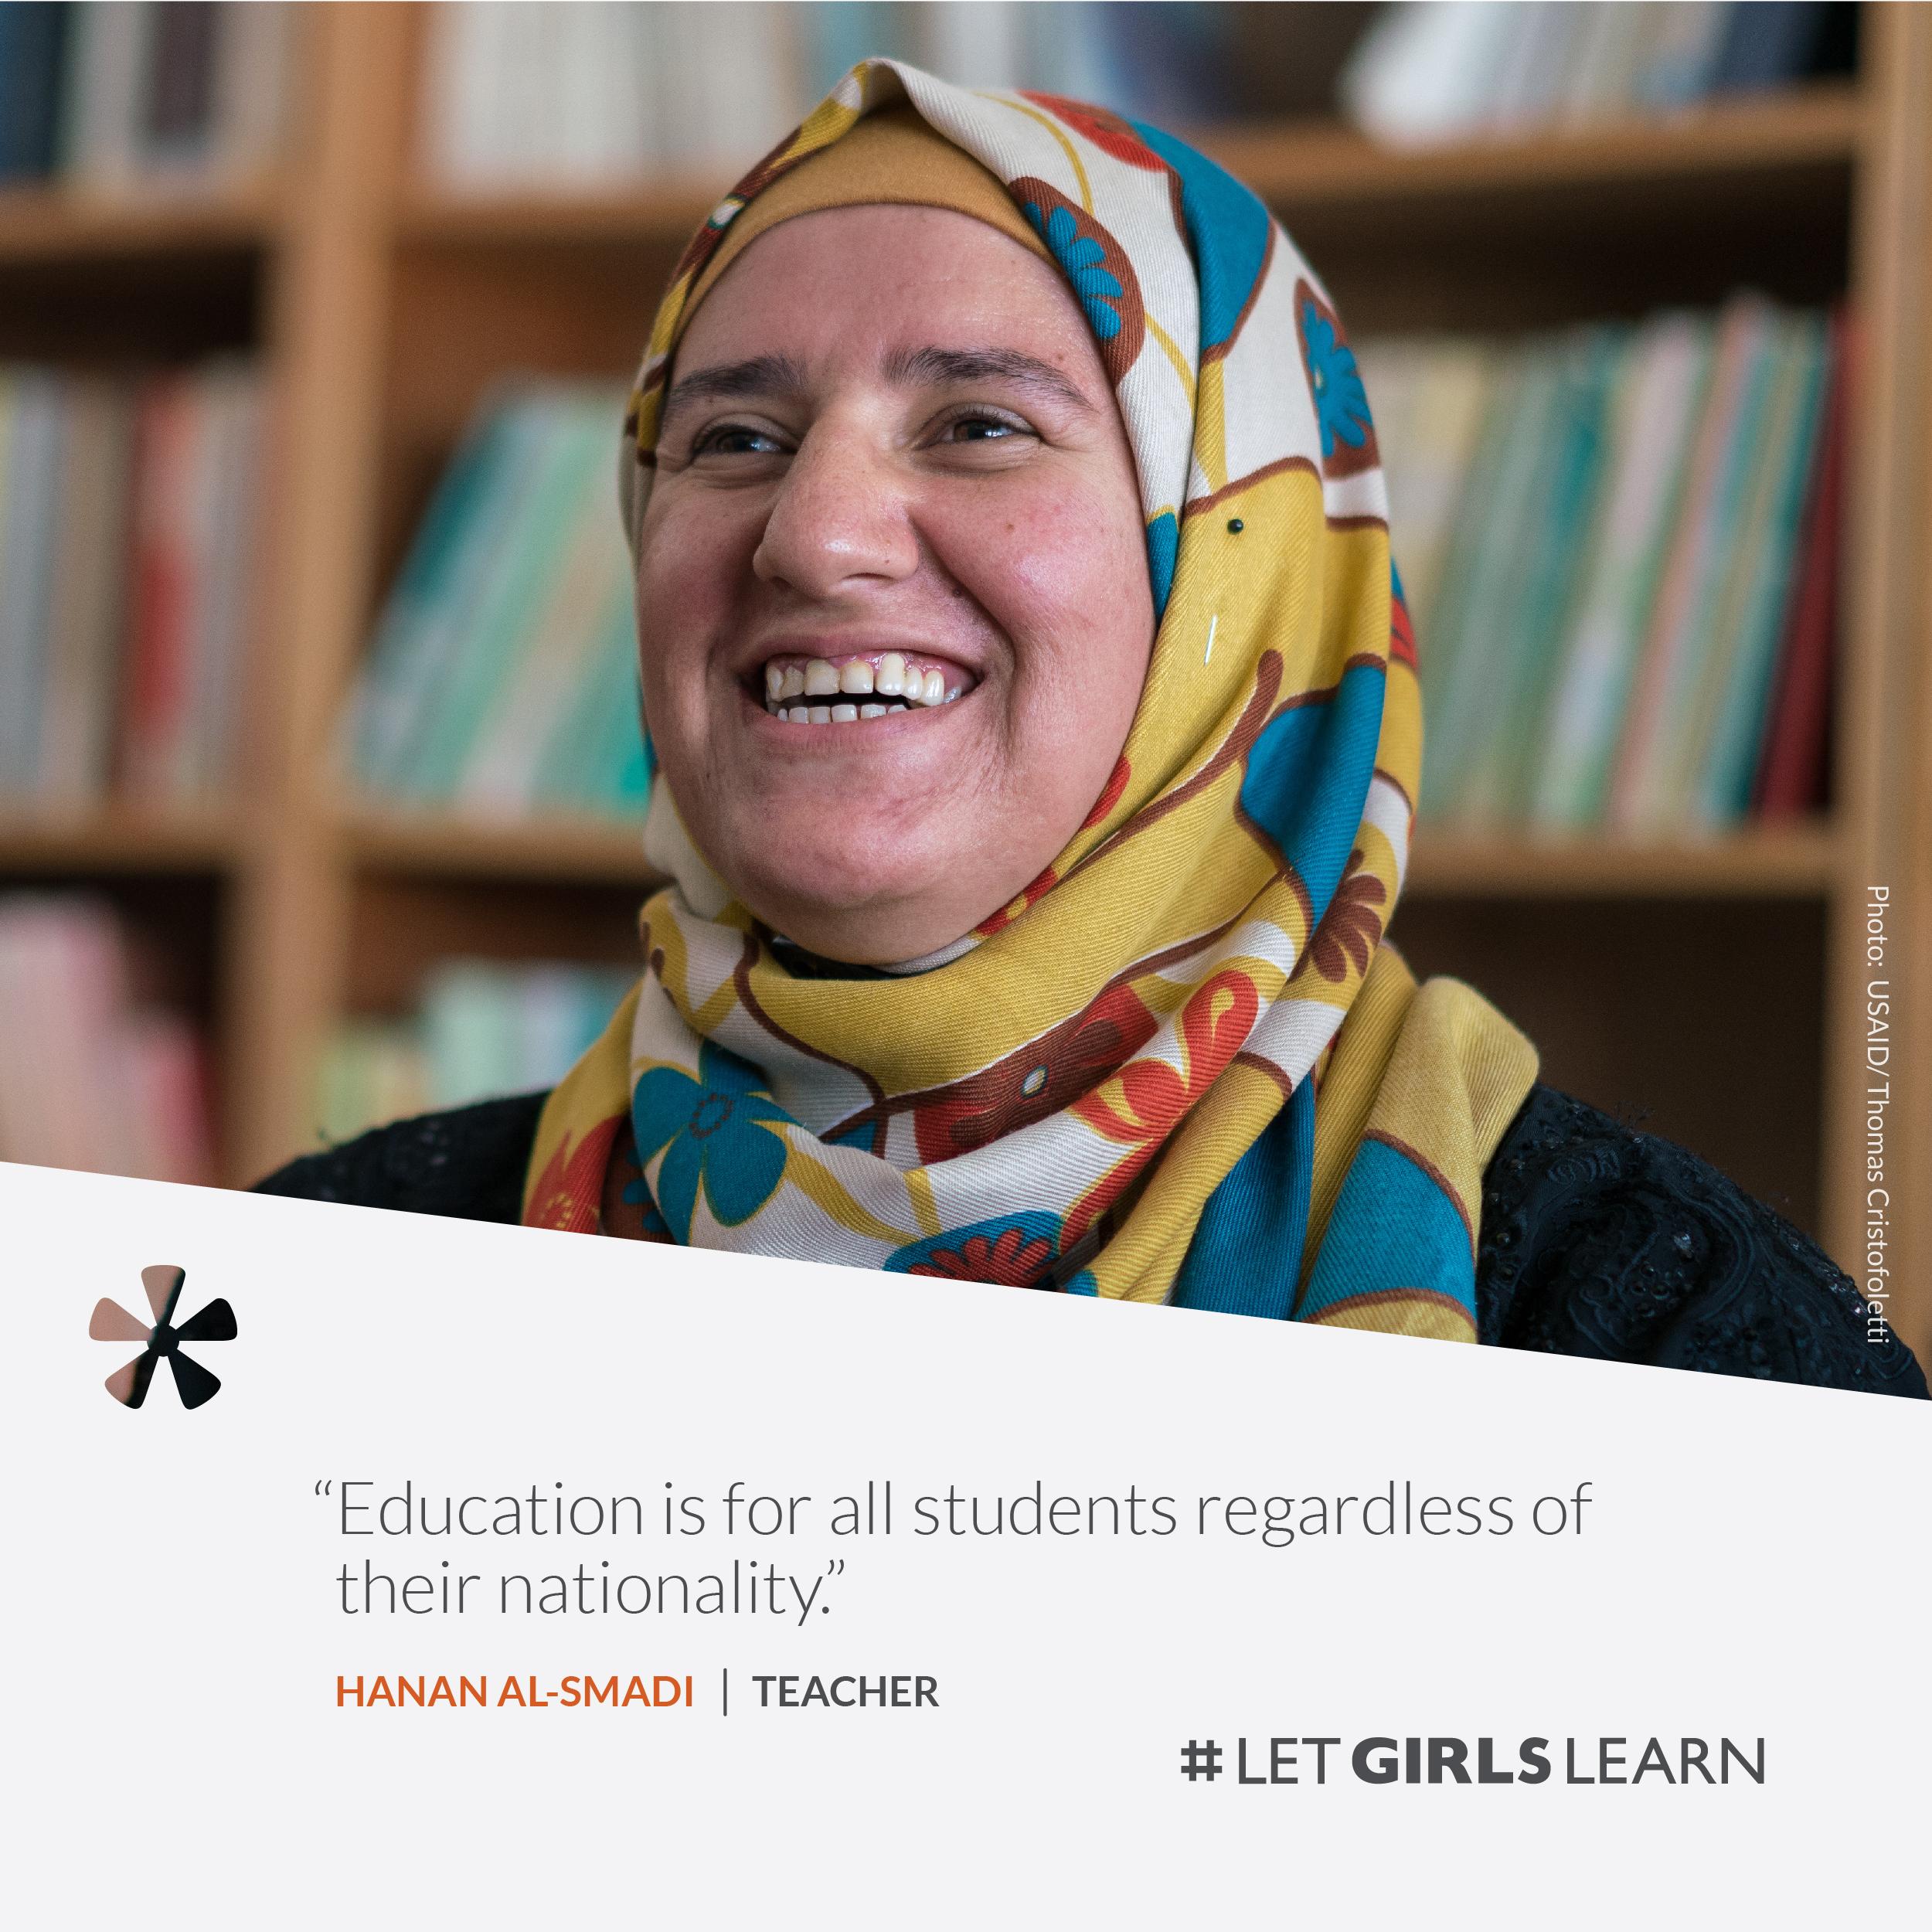 Let_Girls_Learn_FB_06.jpg